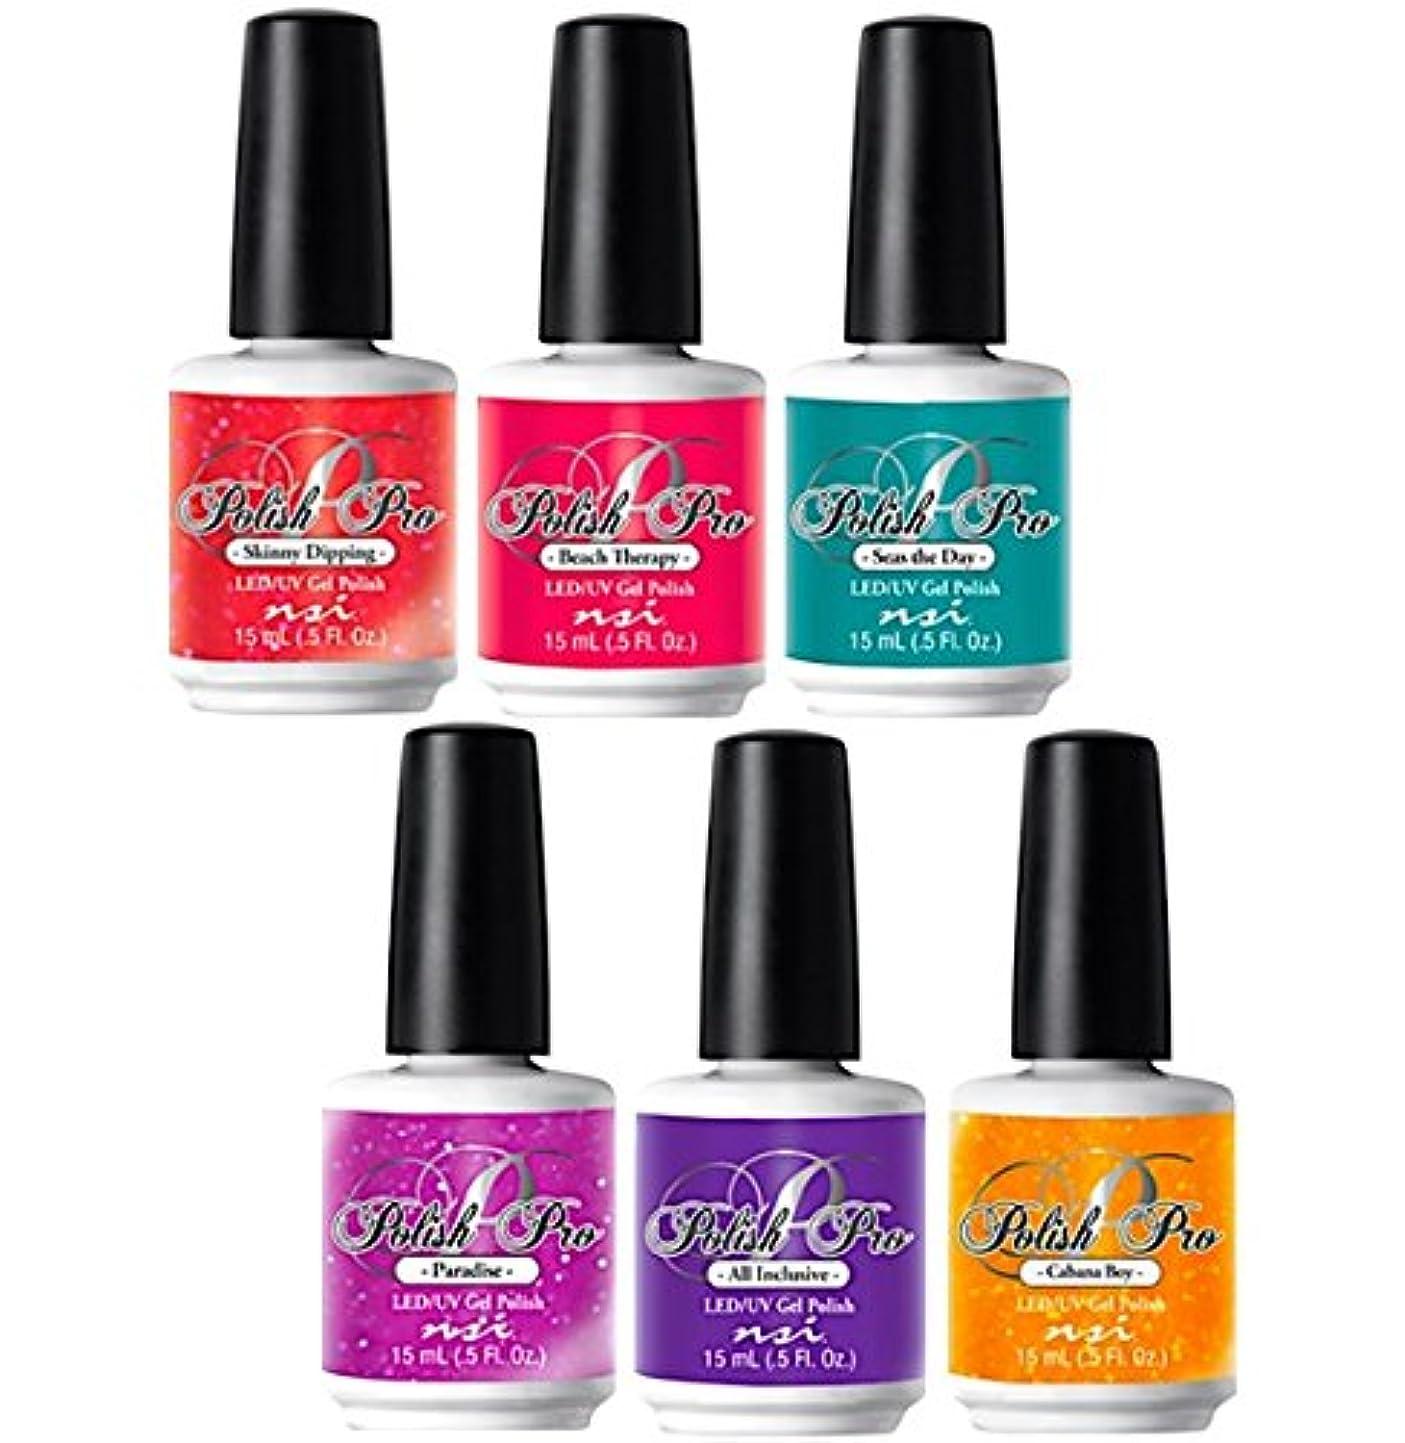 残酷な主要な道路NSI Polish Pro Gel Polish - The Island Resort Collection - All 6 Colors - 15 ml/0.5 oz Each